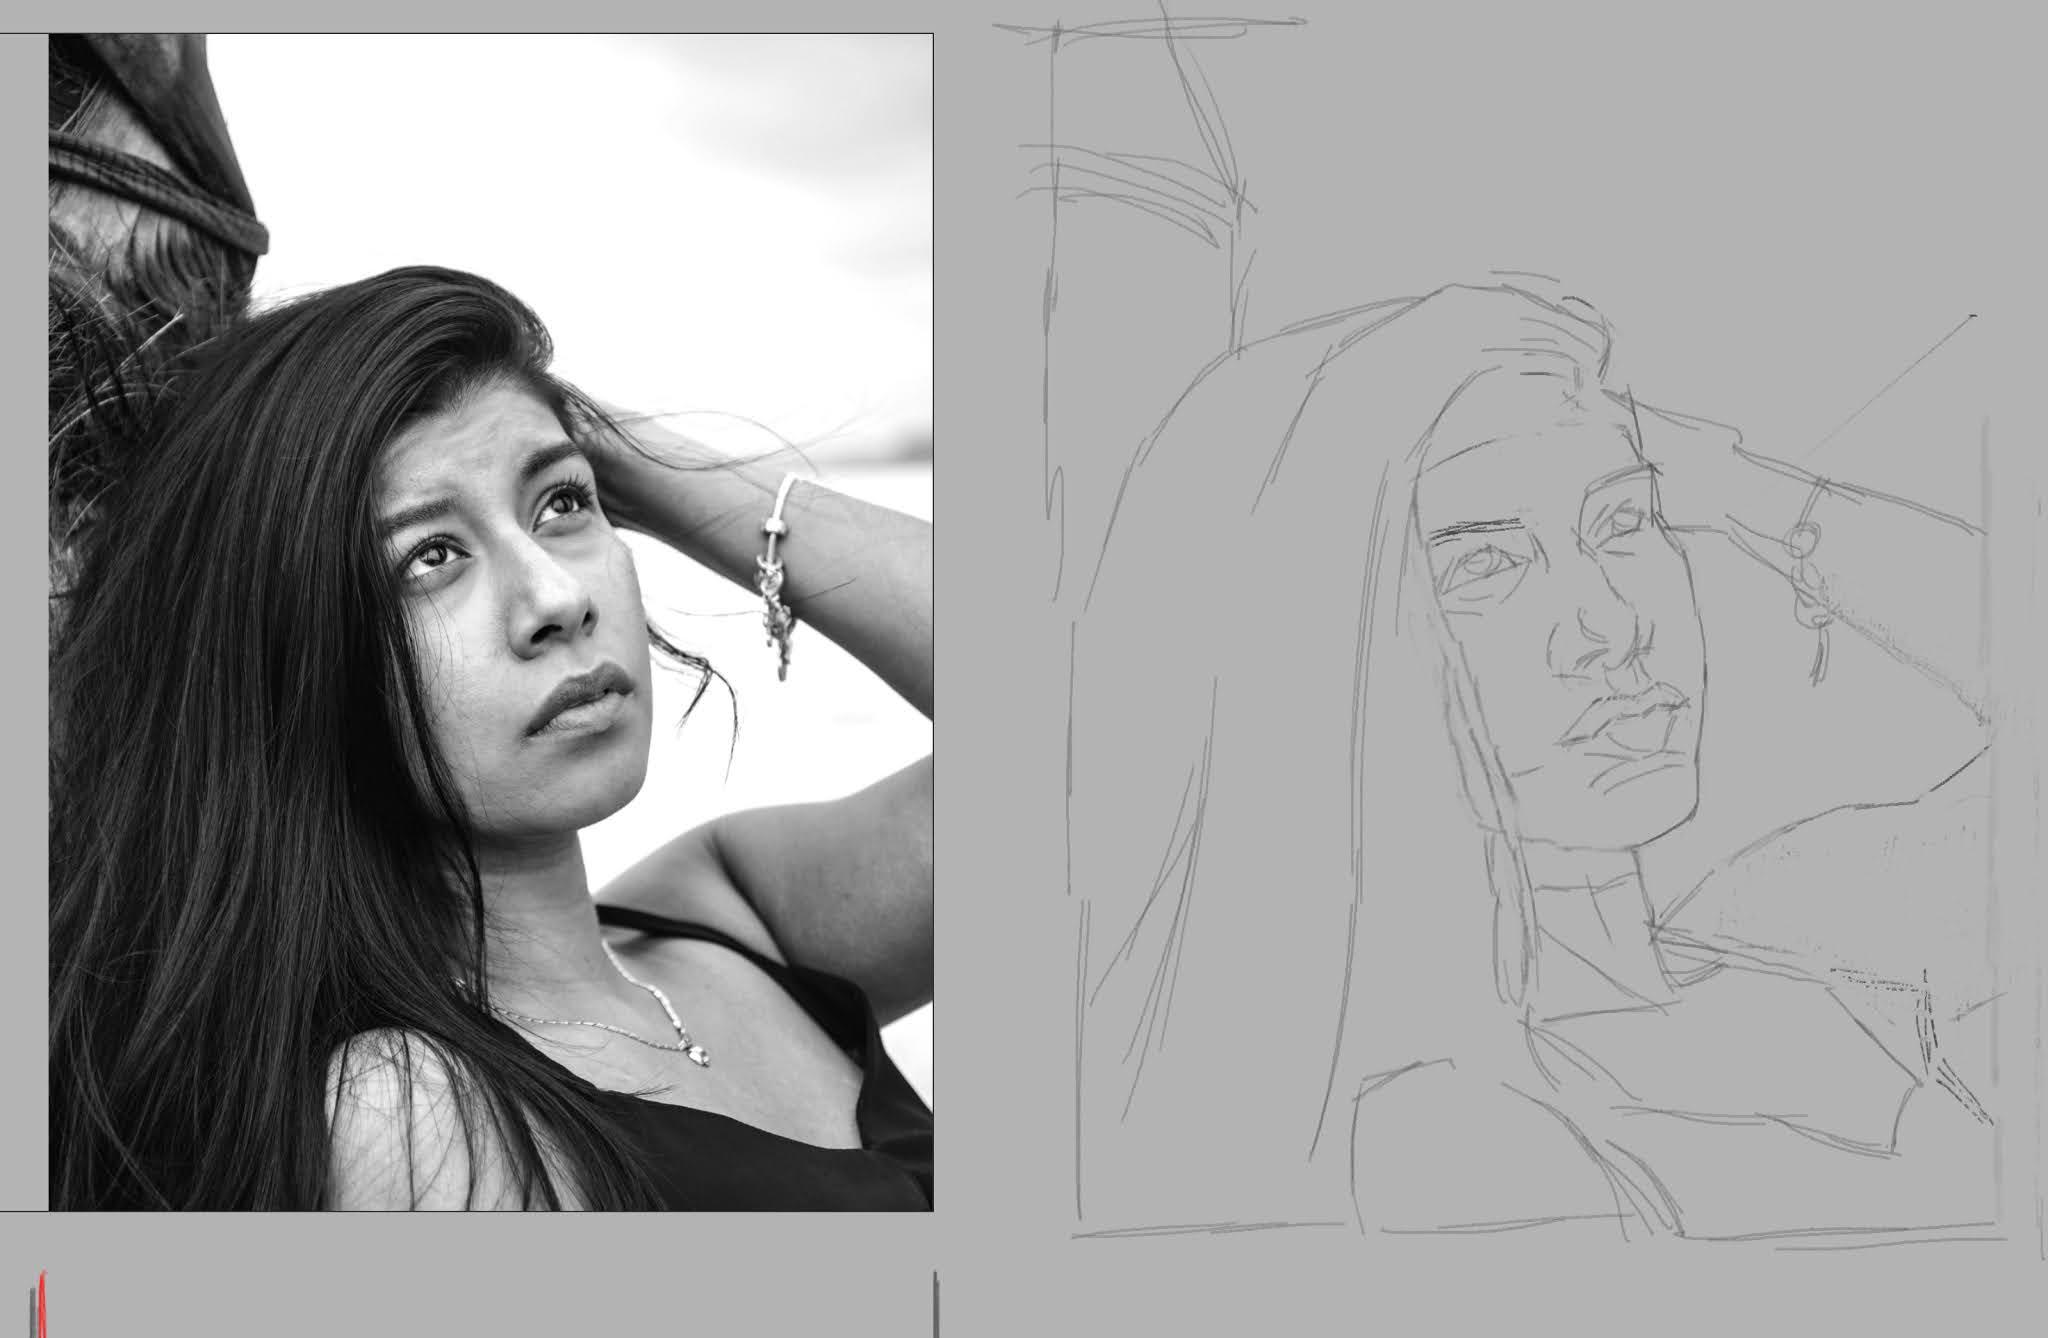 disegno a matita con dettagli di volto di ragazza.